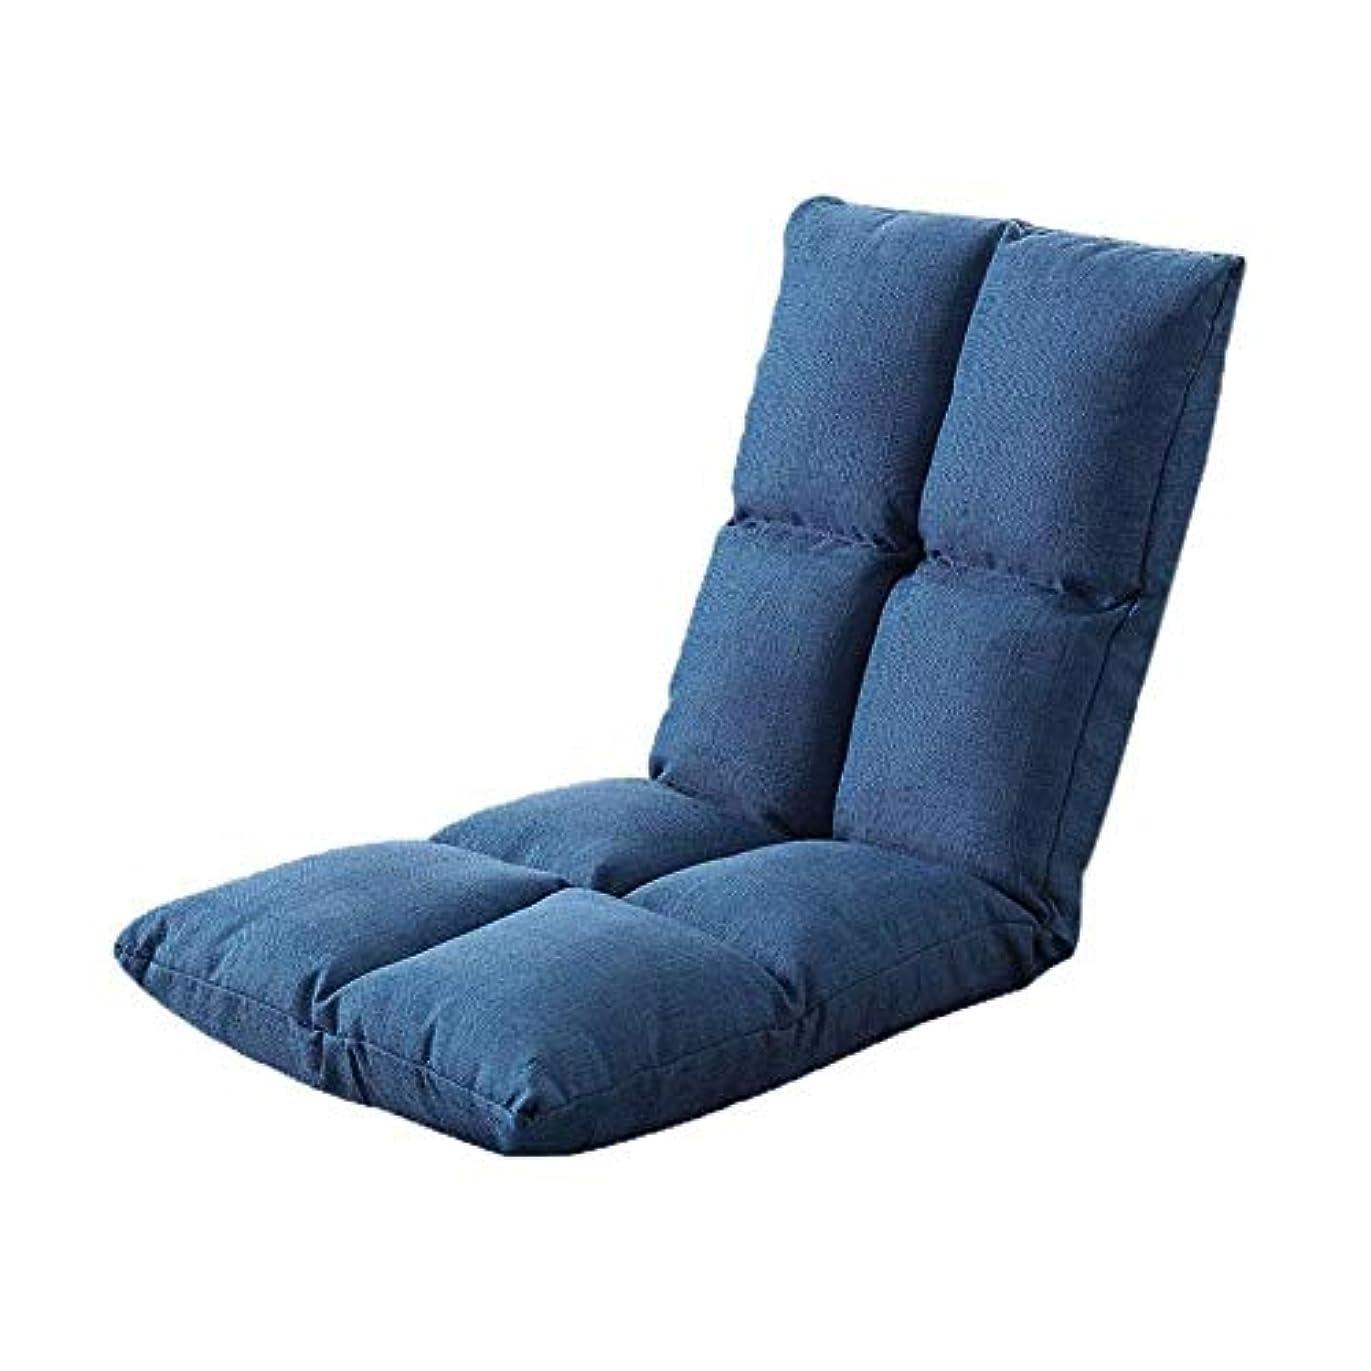 オリエント名誉ある優れた瞑想用椅子、座るソファ、畳の畳の背もたれ、折り畳み式の洗える増粘剤、バルコニーの寝室のコンピューターのクッション